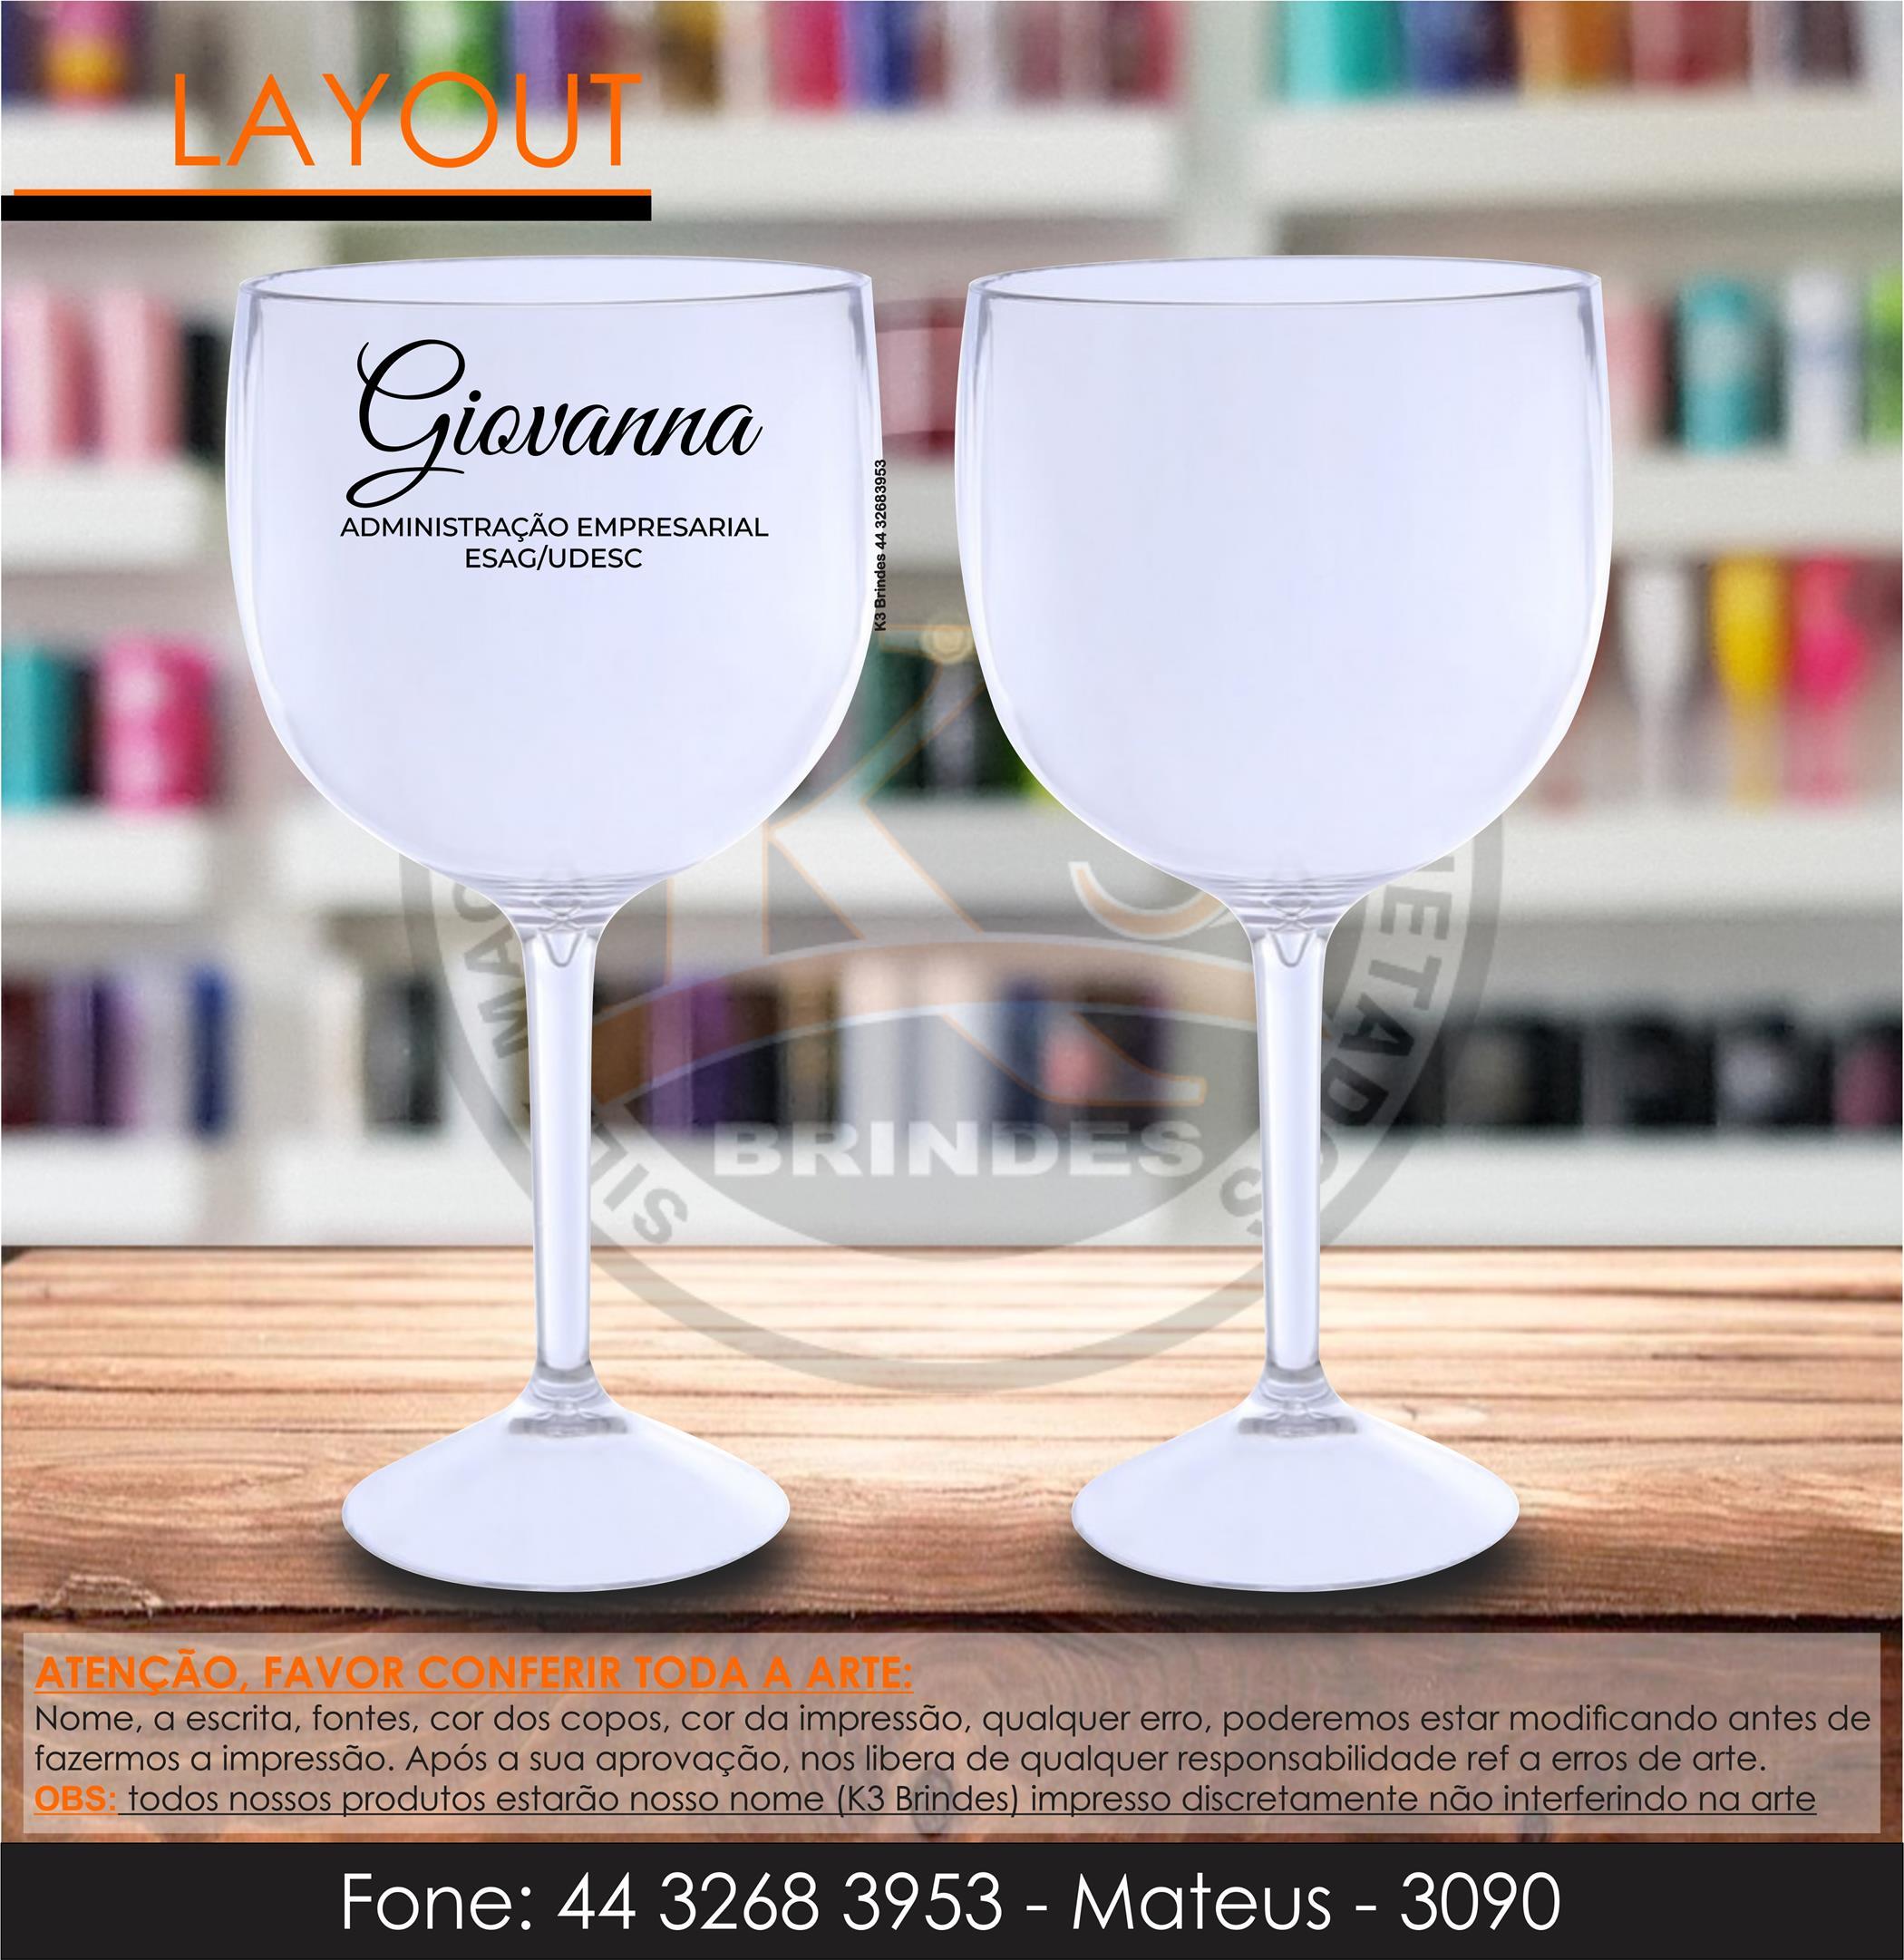 3090 - taça de gin cristal - administração - formatura - adm